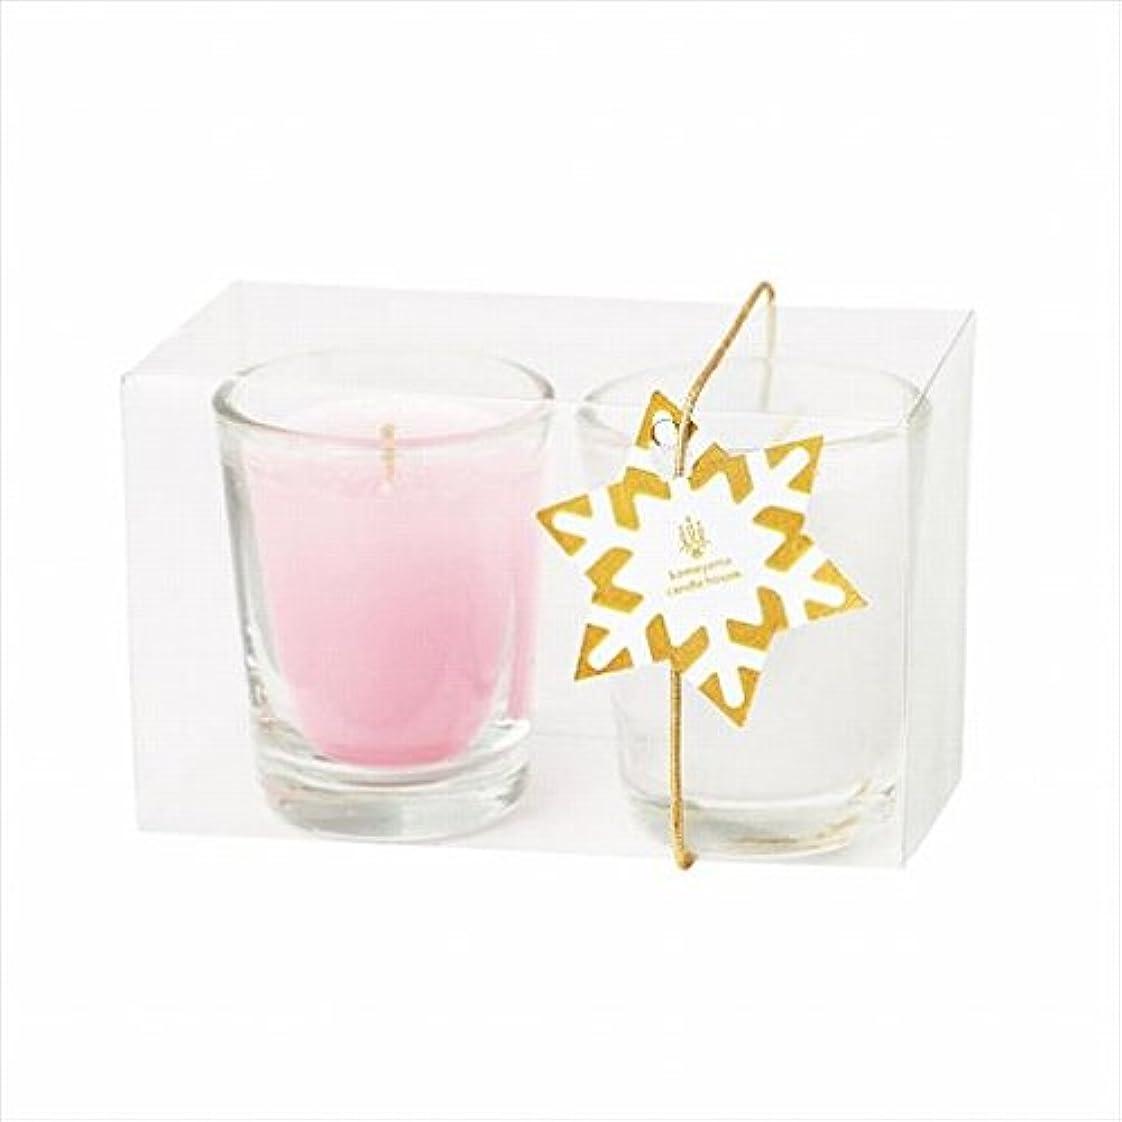 状況残酷改修するカメヤマキャンドル(kameyama candle) ミニライト2個入り 「 ホワイト&ピンク 」